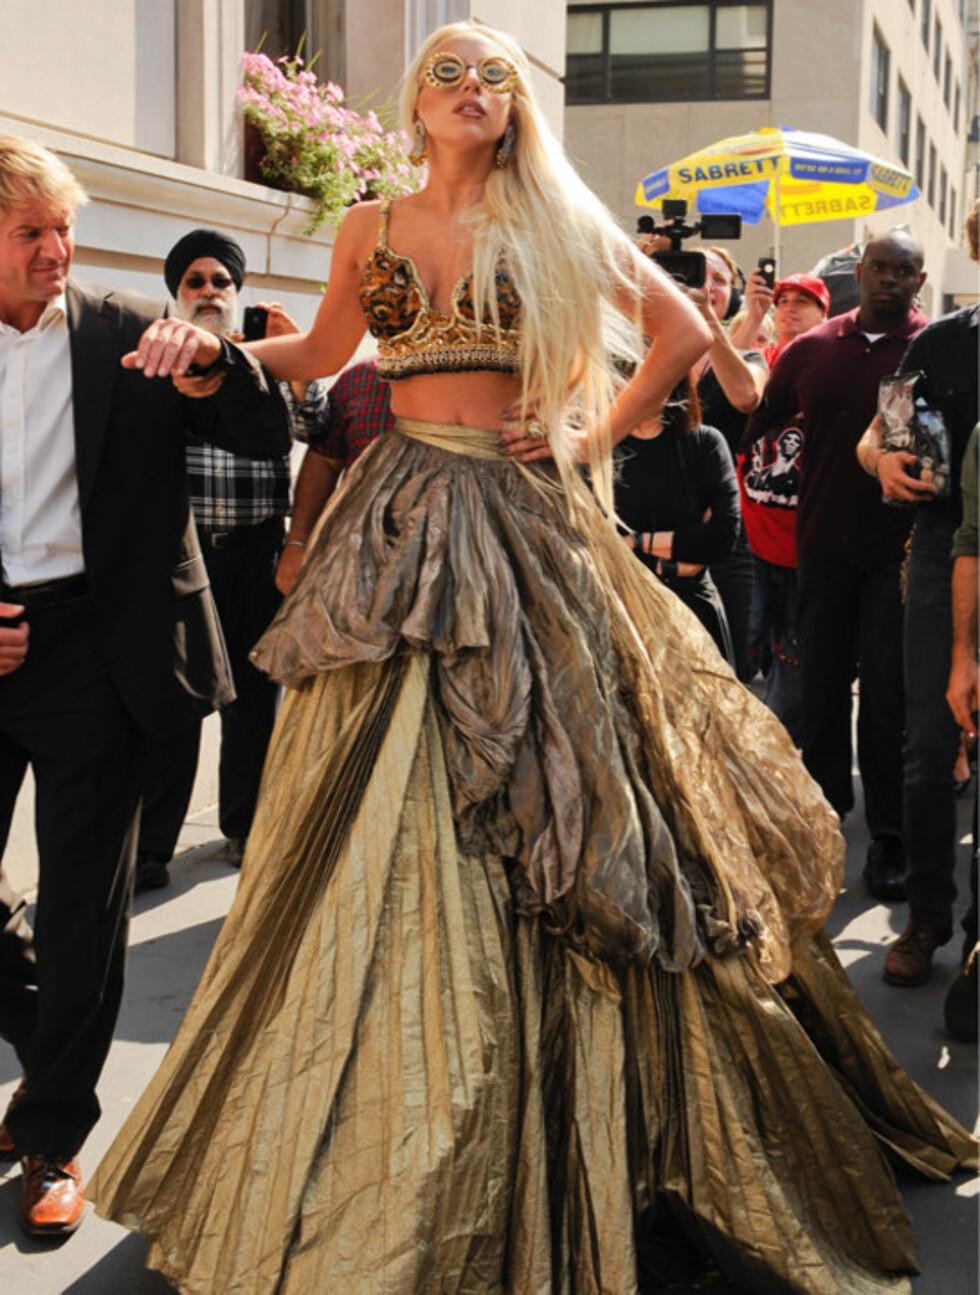 FIKK EN HÅND: Lady Gaga forsøker å posere mens hun støtter seg til en av livvaktene sine. Foto: All Over Press